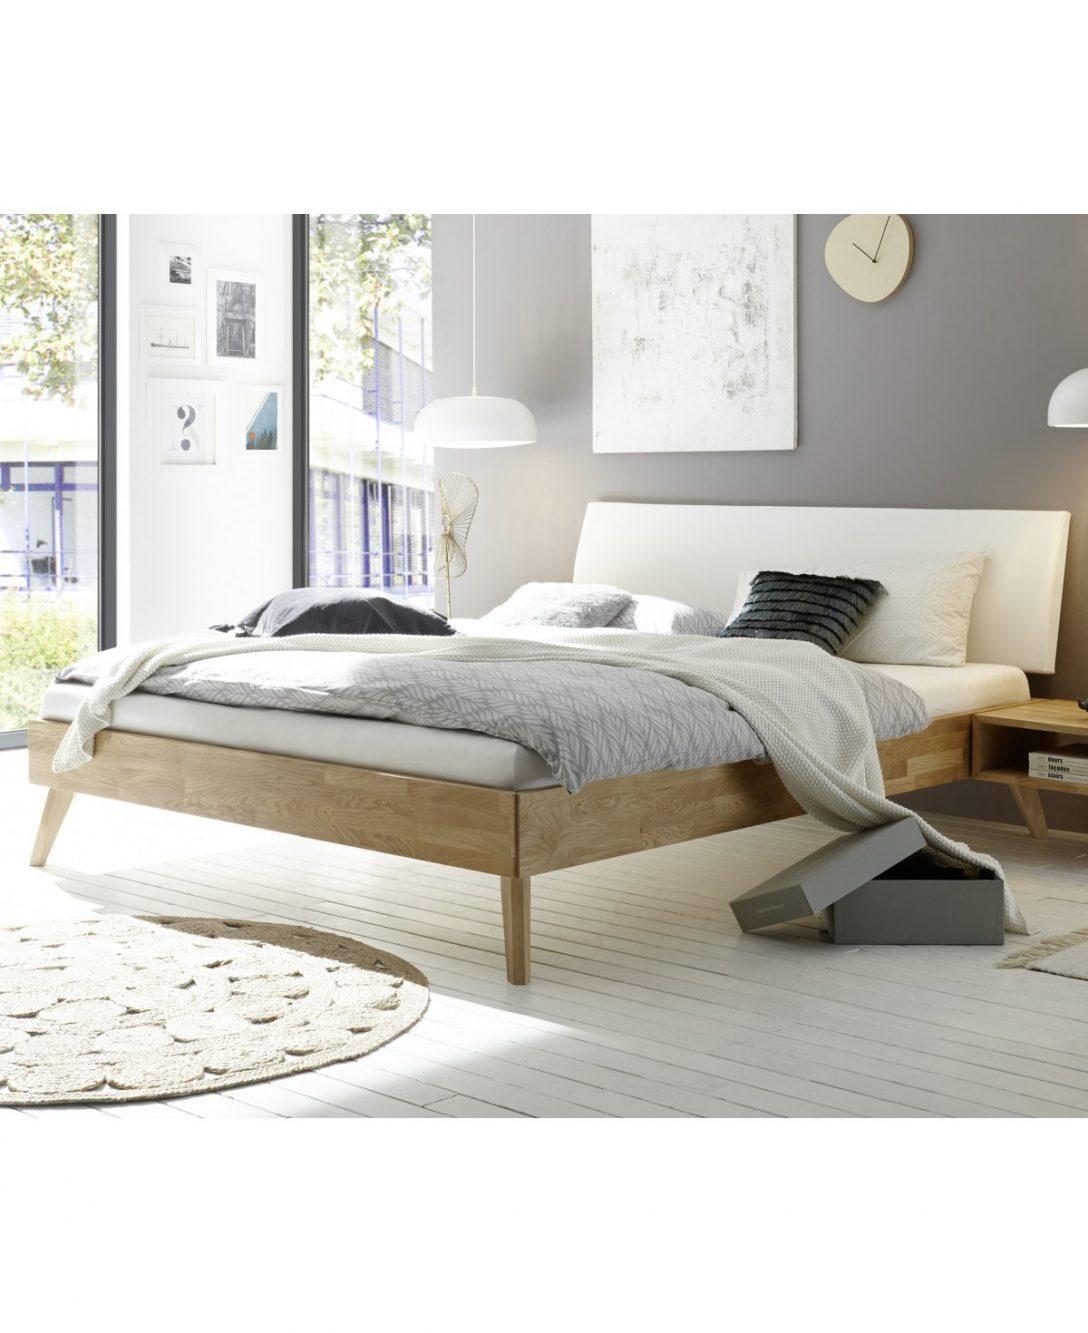 Large Size of Betten Mit Aufbewahrung Schramm Innocent Landhaus Regal Weiß Außergewöhnliche Luxus Amazon Massivholz Trends Weiße Küche Wohnwert Paradies Für Bett Betten Weiß